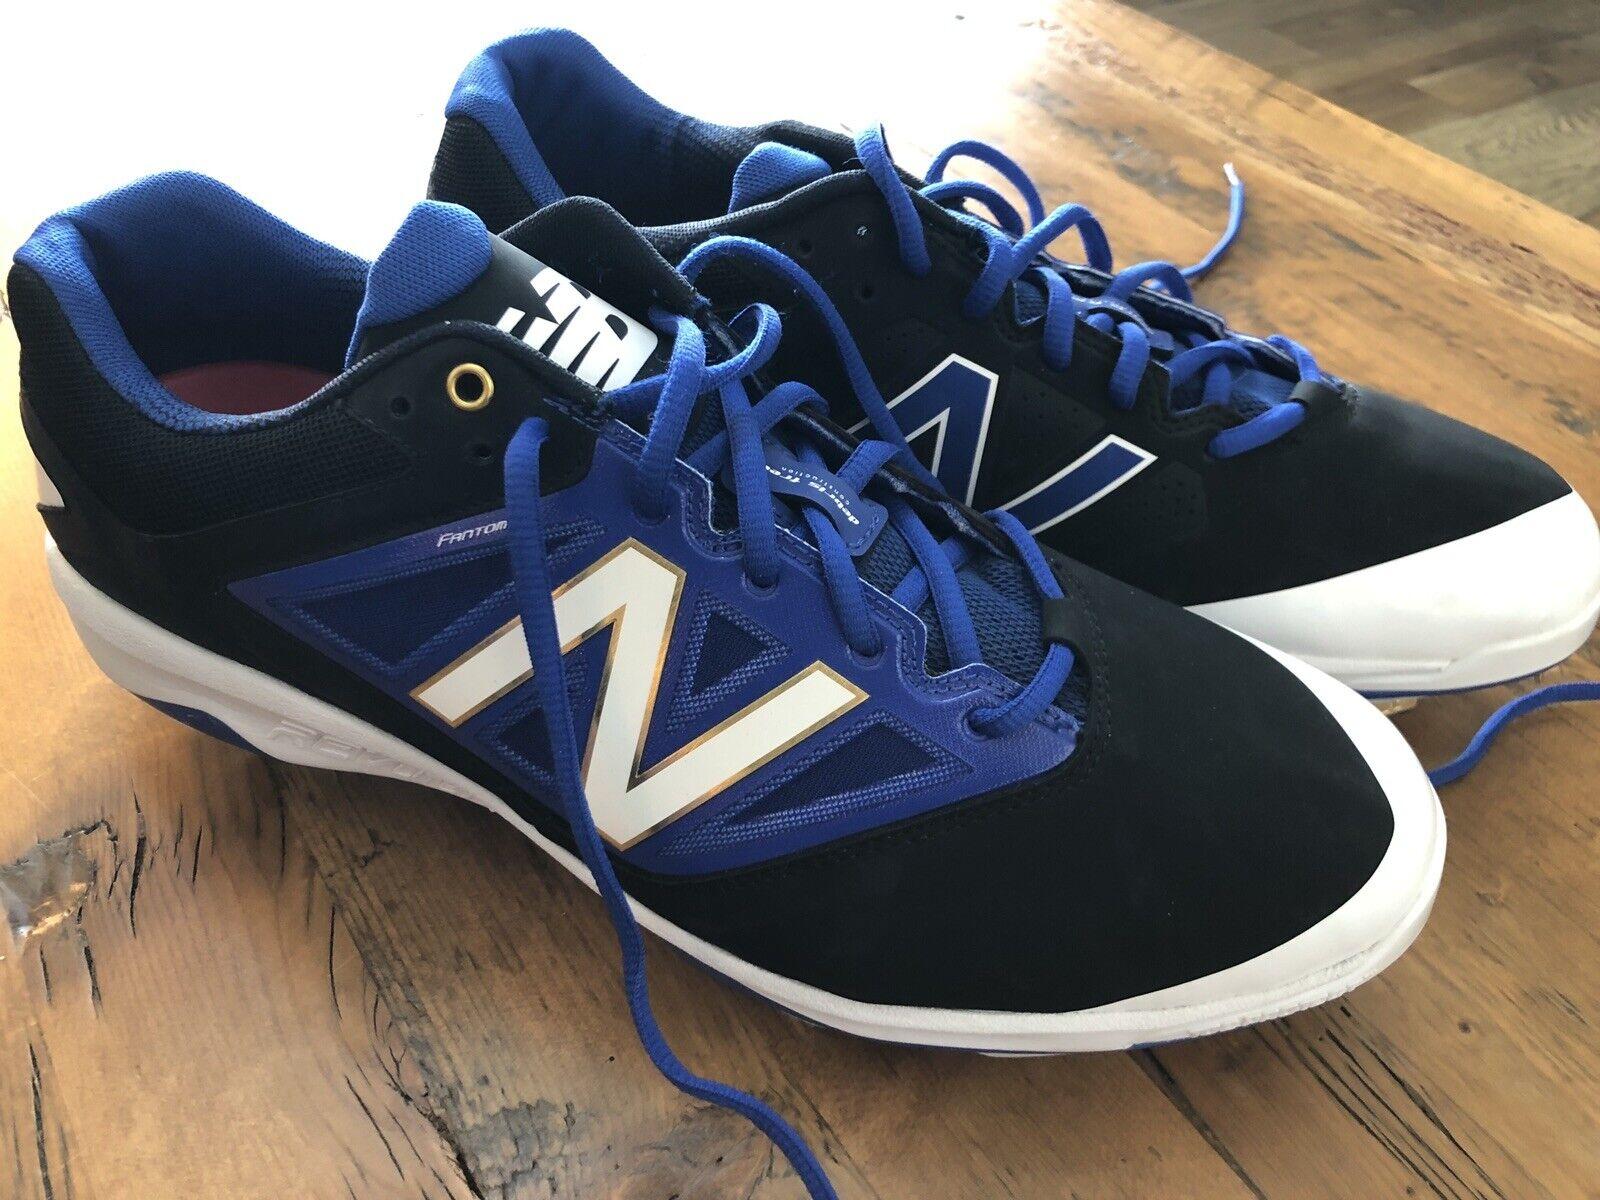 Nuevo Rev Lite RC New Balance Botines de béisbol para hombre Talla 13 Negro Azul Y blancoa